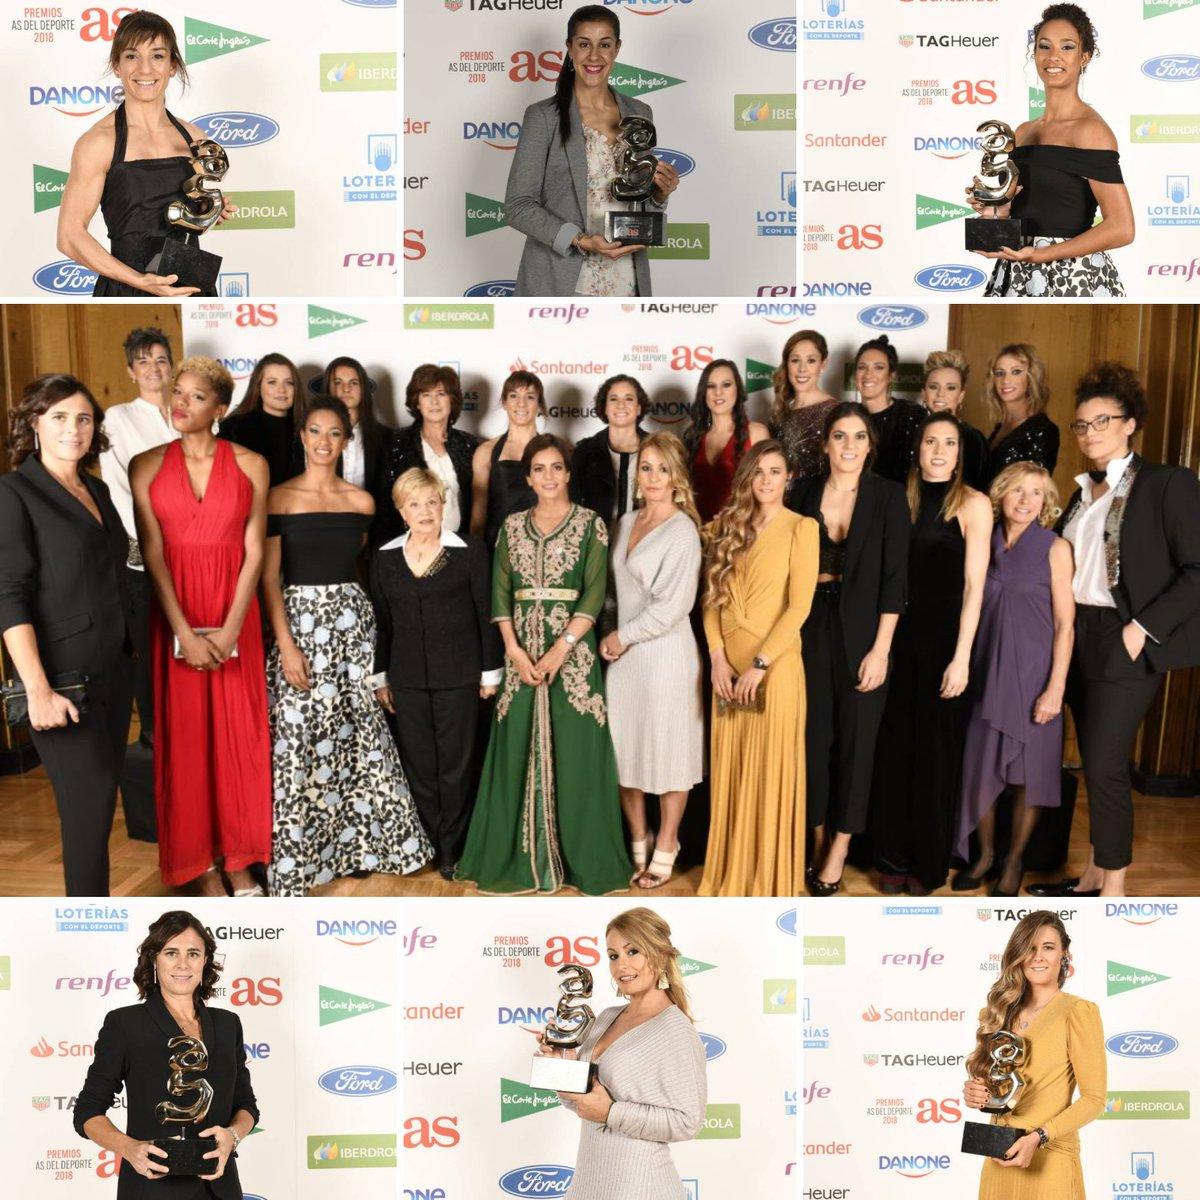 De @CarolinaMarin  a @lydikit  pasando por @sandrasankarate,  @mariiaviicentee,  @Edurne_Pasaban o  @giselapulido... lo mejor del deporte español es reconocido en los #PremiosAS2018 👏👏👏👏 @diarioas  http://ow.ly/lxcL30mWhAL